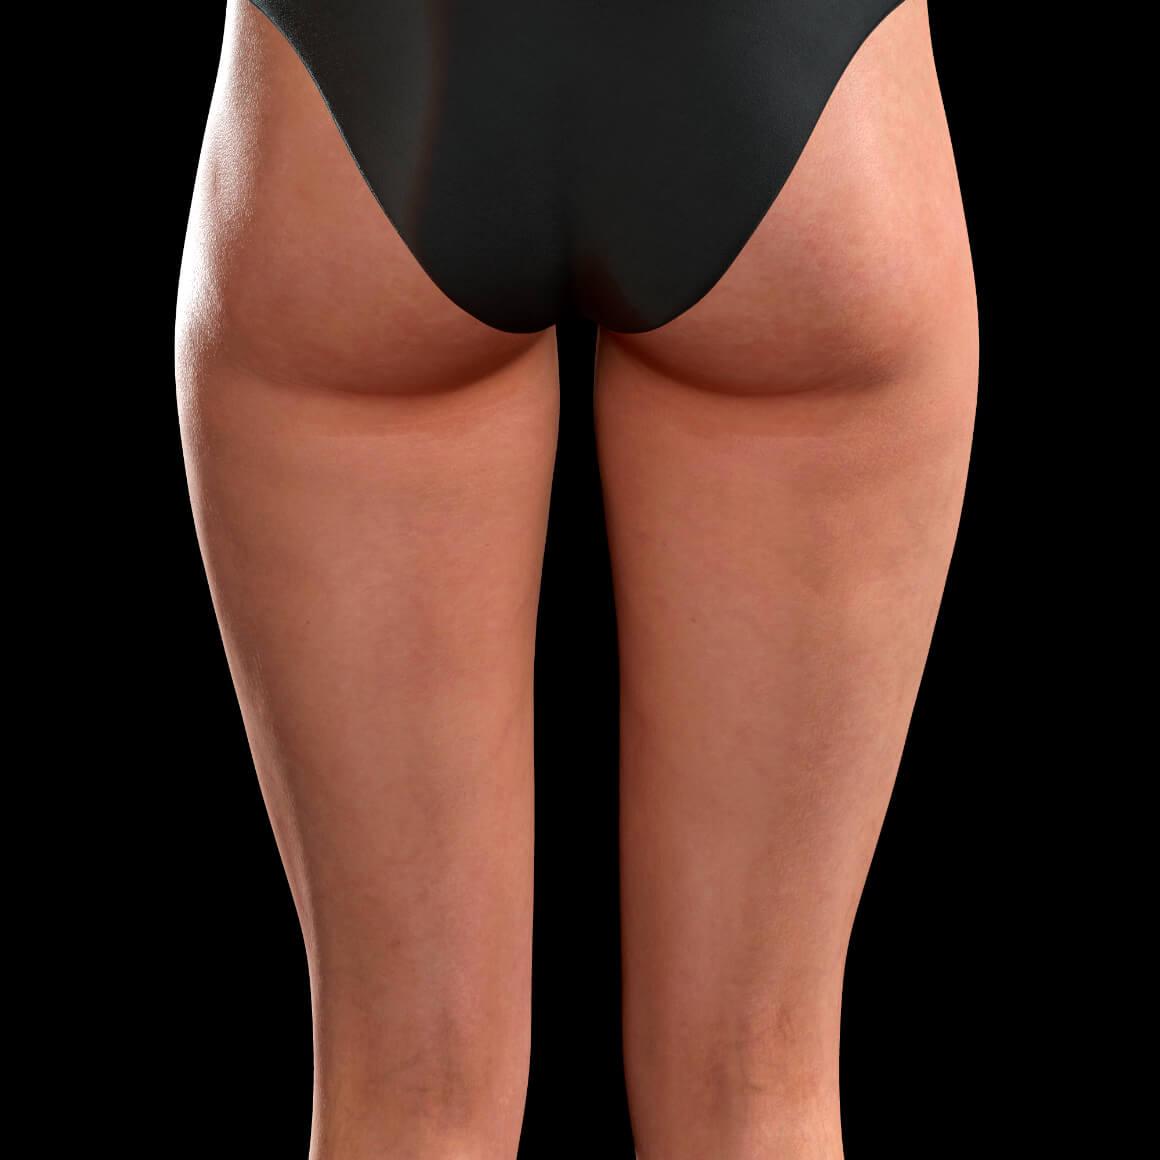 Cuisses postérieures d'une patiente de la Clinique Chloé après un traitement Profound contre la cellulite